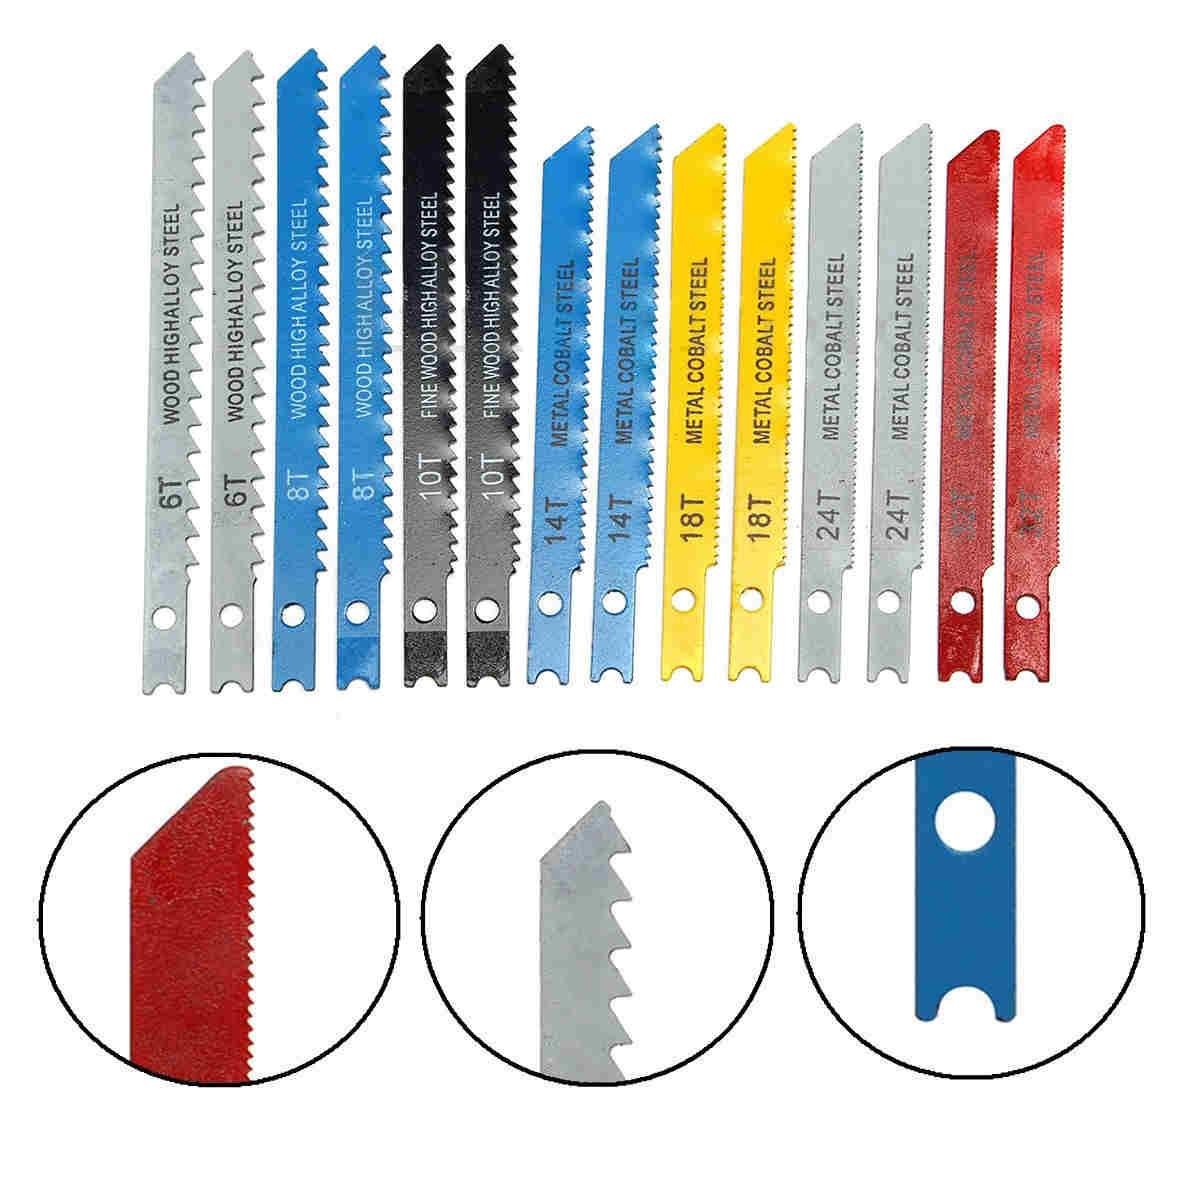 14Pcs Assorted U-shank Jigsaw Blades Metal Plastic Cut Cutting Wood Set